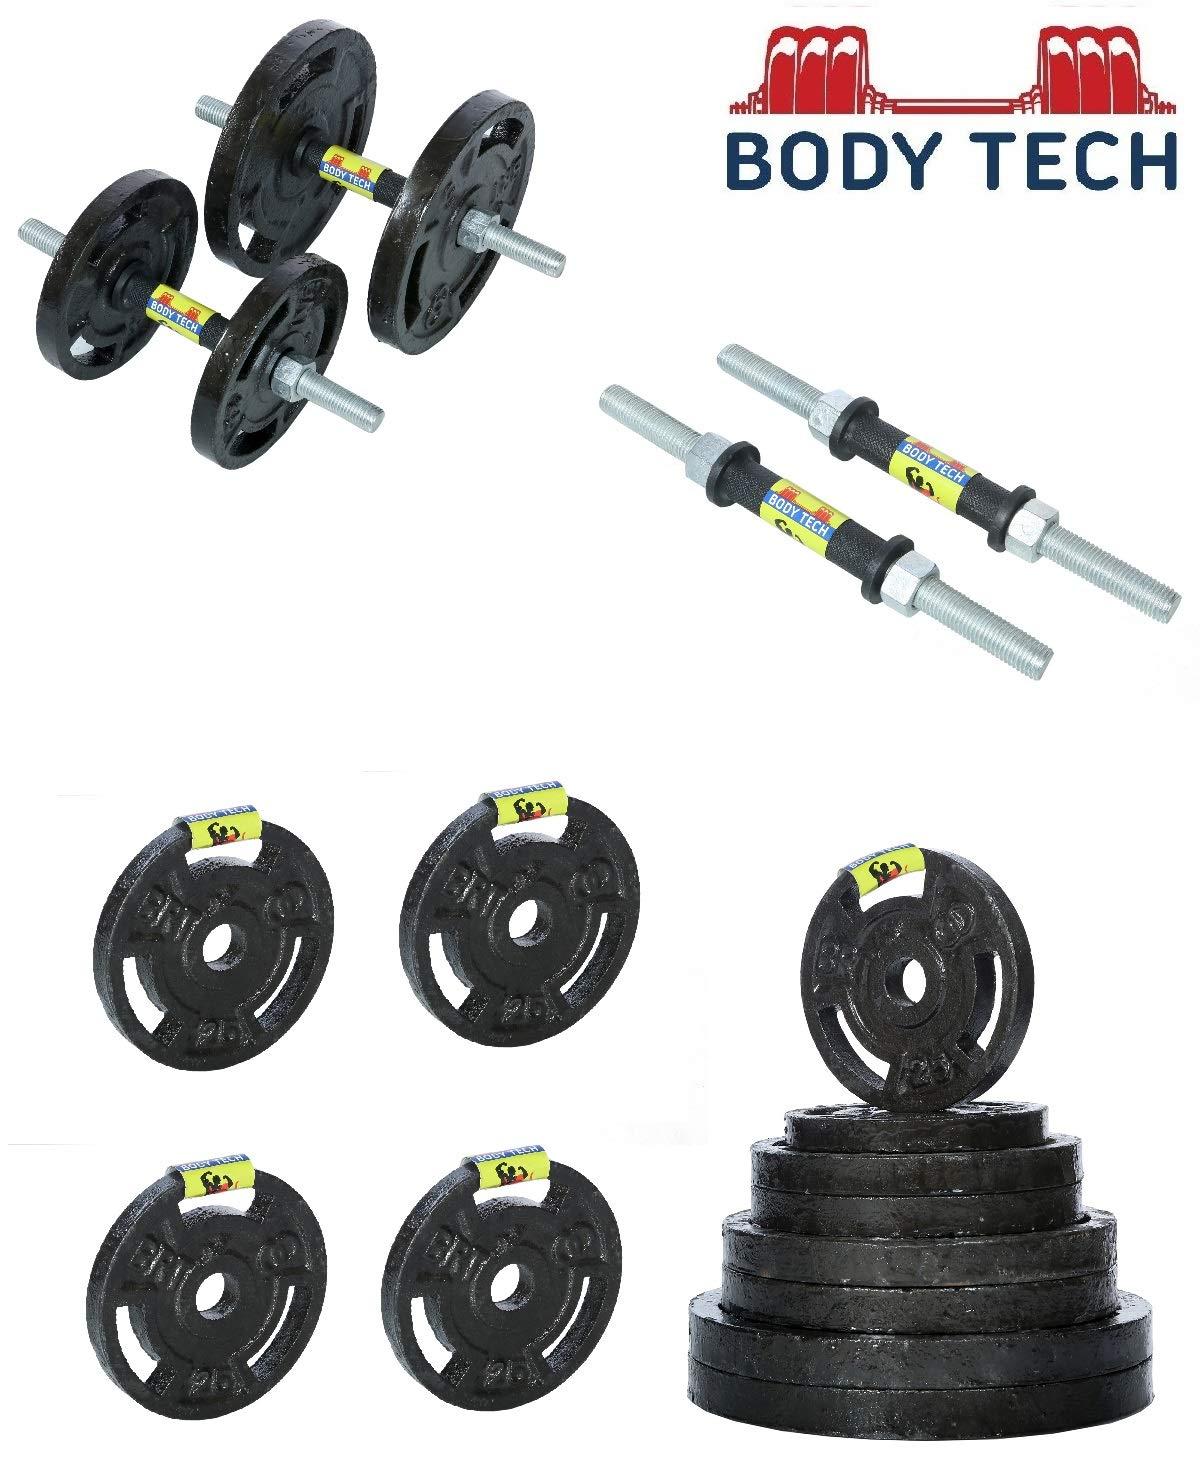 40KG Adjustable Dumbbells Pair /& Barbell Set Weight Plates Home Gym 20KG 30KG